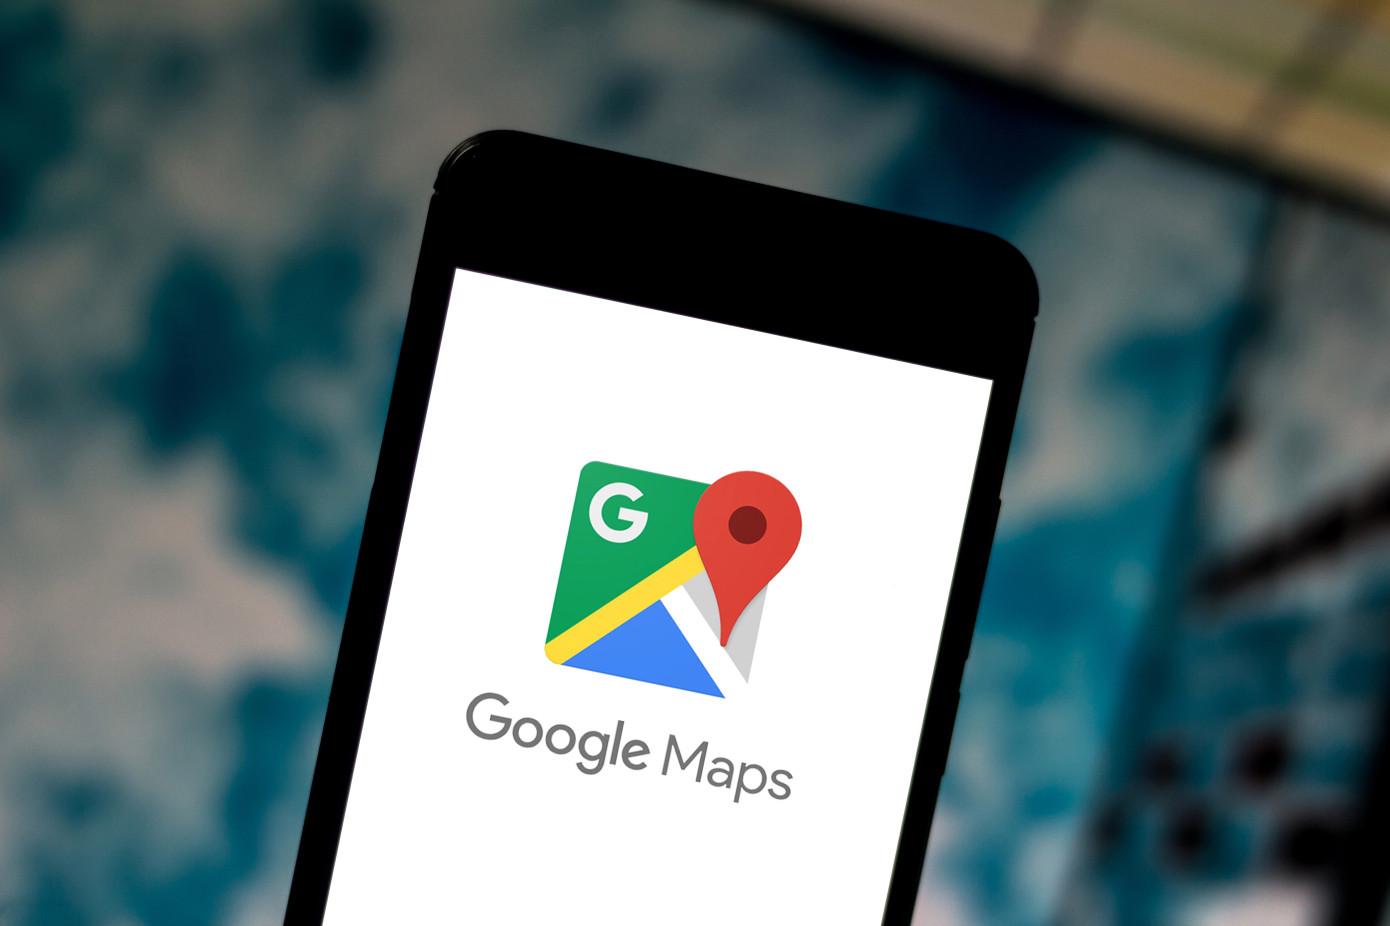 Google Maps agrega una nueva función de traducción que dice los nombres de los lugares en voz alta